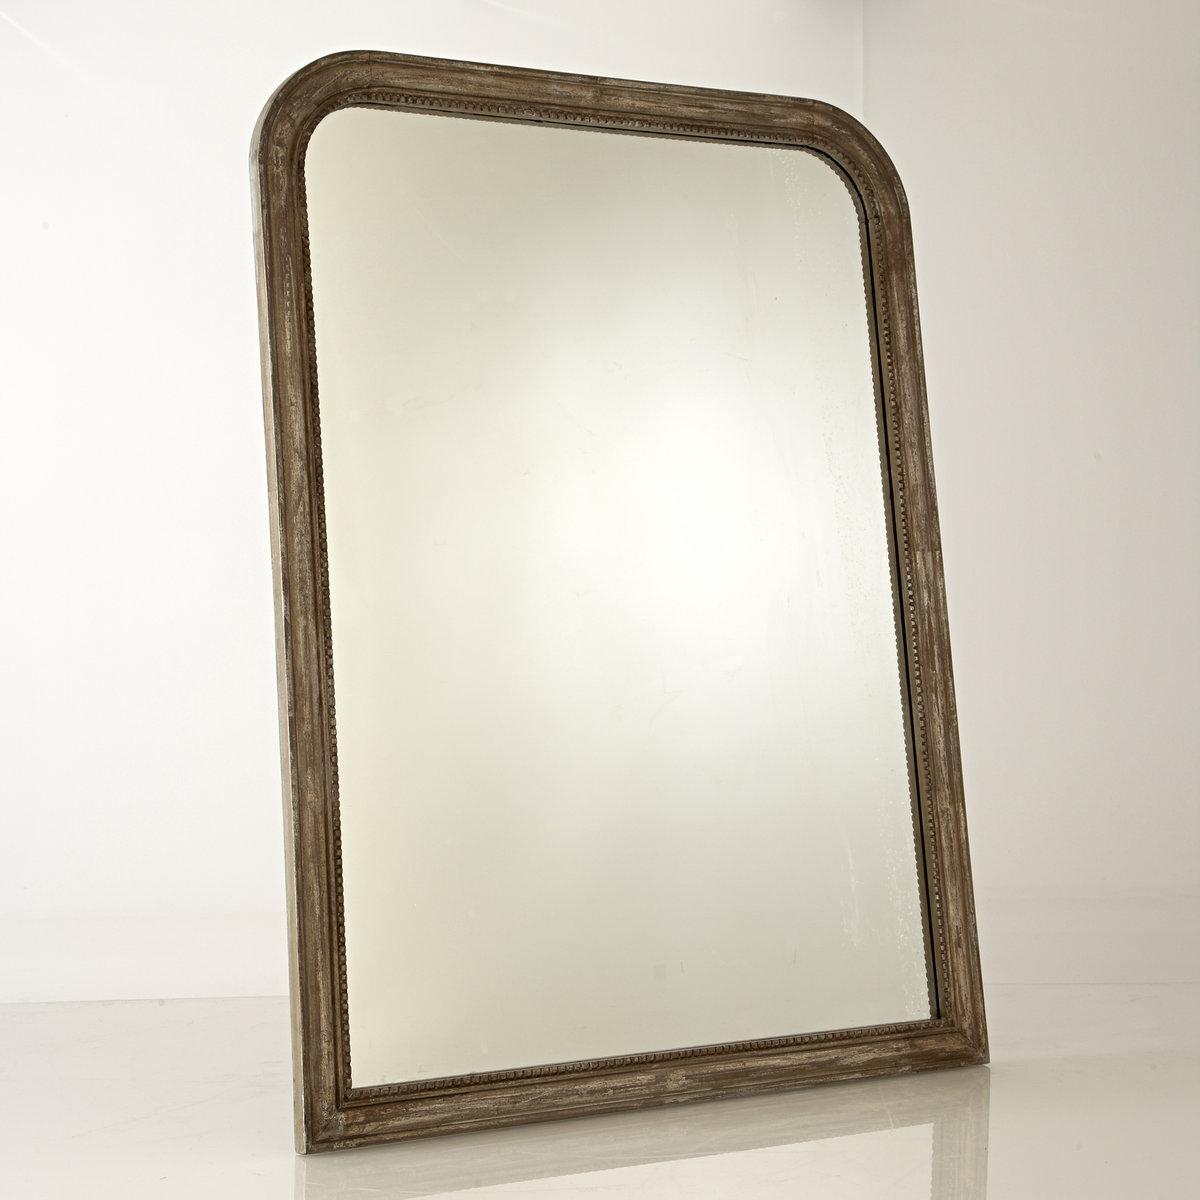 Зеркало Afsan из массива мангового дереваОписание зеркала Afsan:Массив мангового дерева с золотистым покрытием под старину.Отделка стразами.2 панели для настенного крепления (винты и крепления продаются отдельно).Размеры зеркала Afsan:Ширина: 90 см.Высота: 120 см.<br><br>Цвет: белый,золотистый состаренный<br>Размер: единый размер